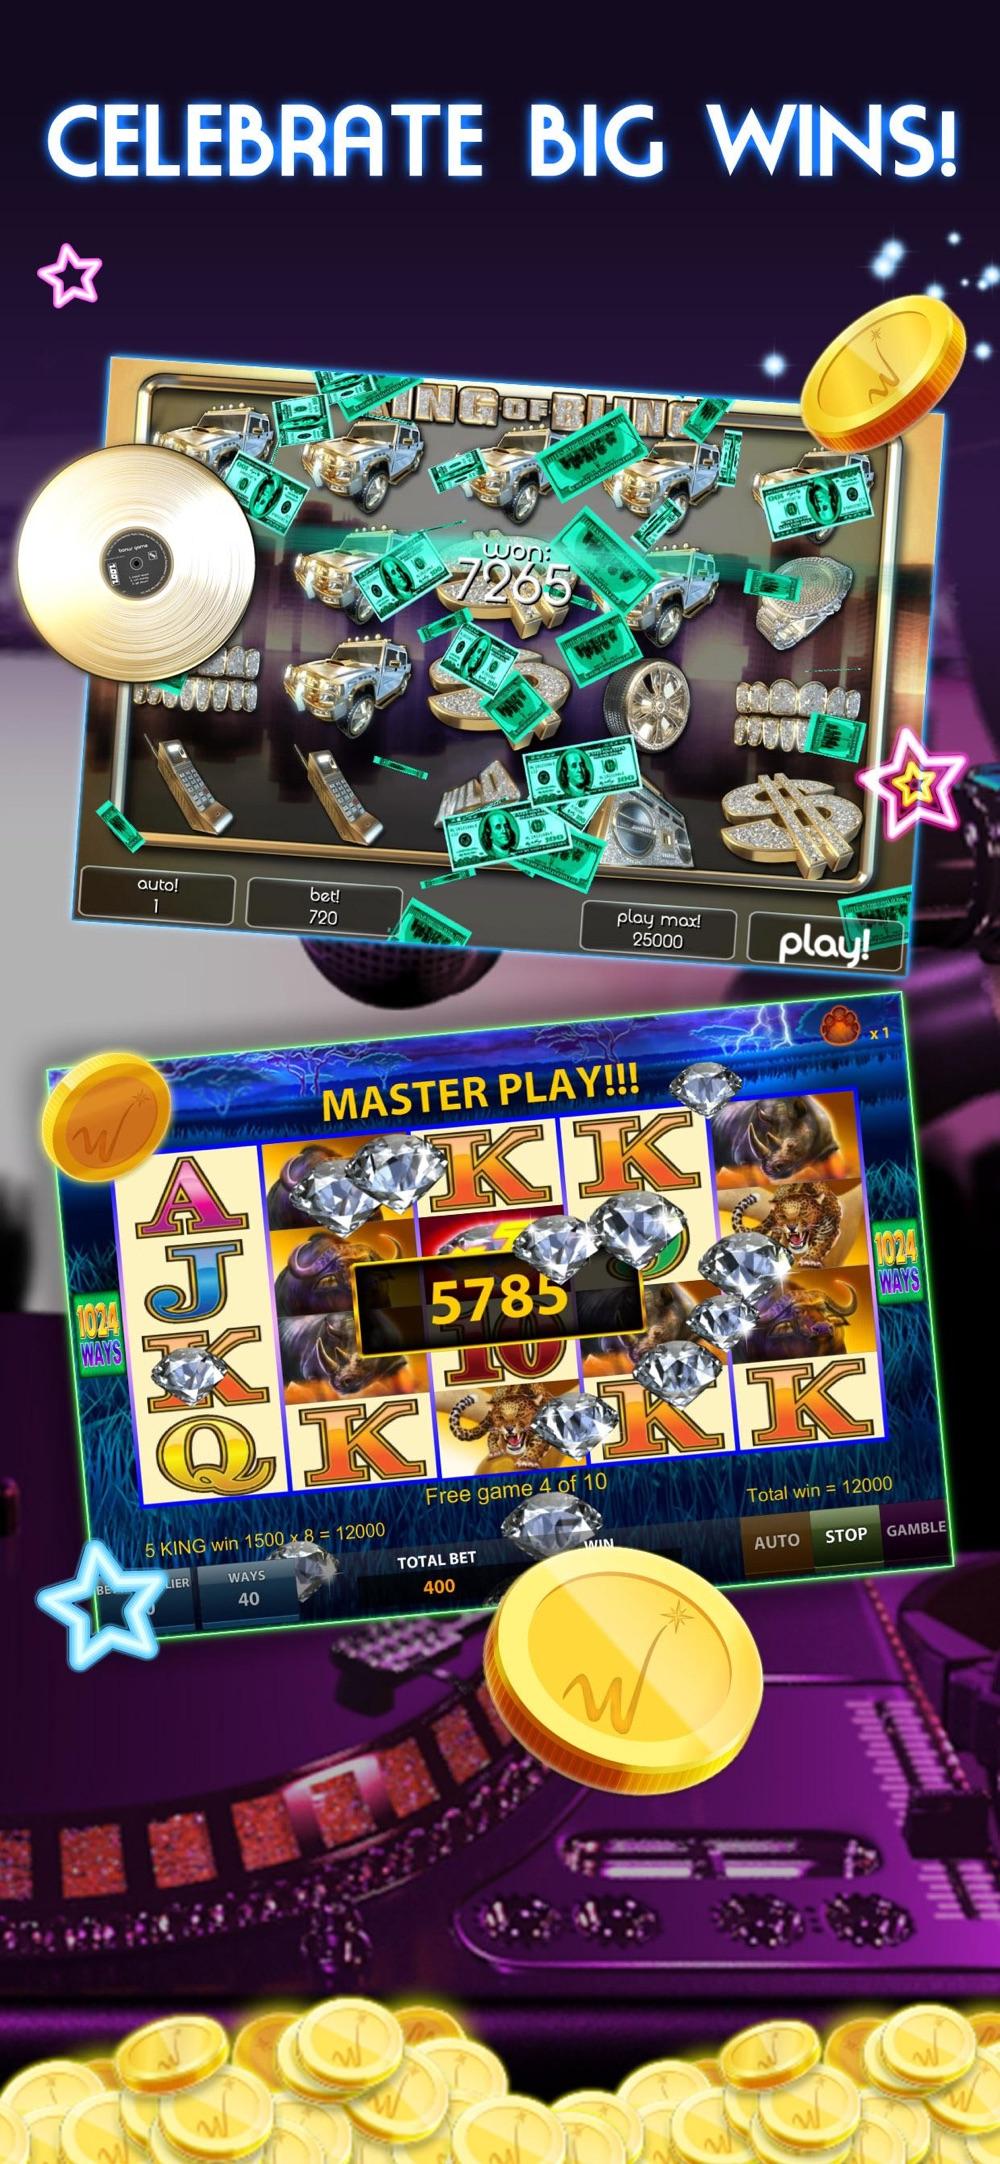 Winstar Social Casino hack tool